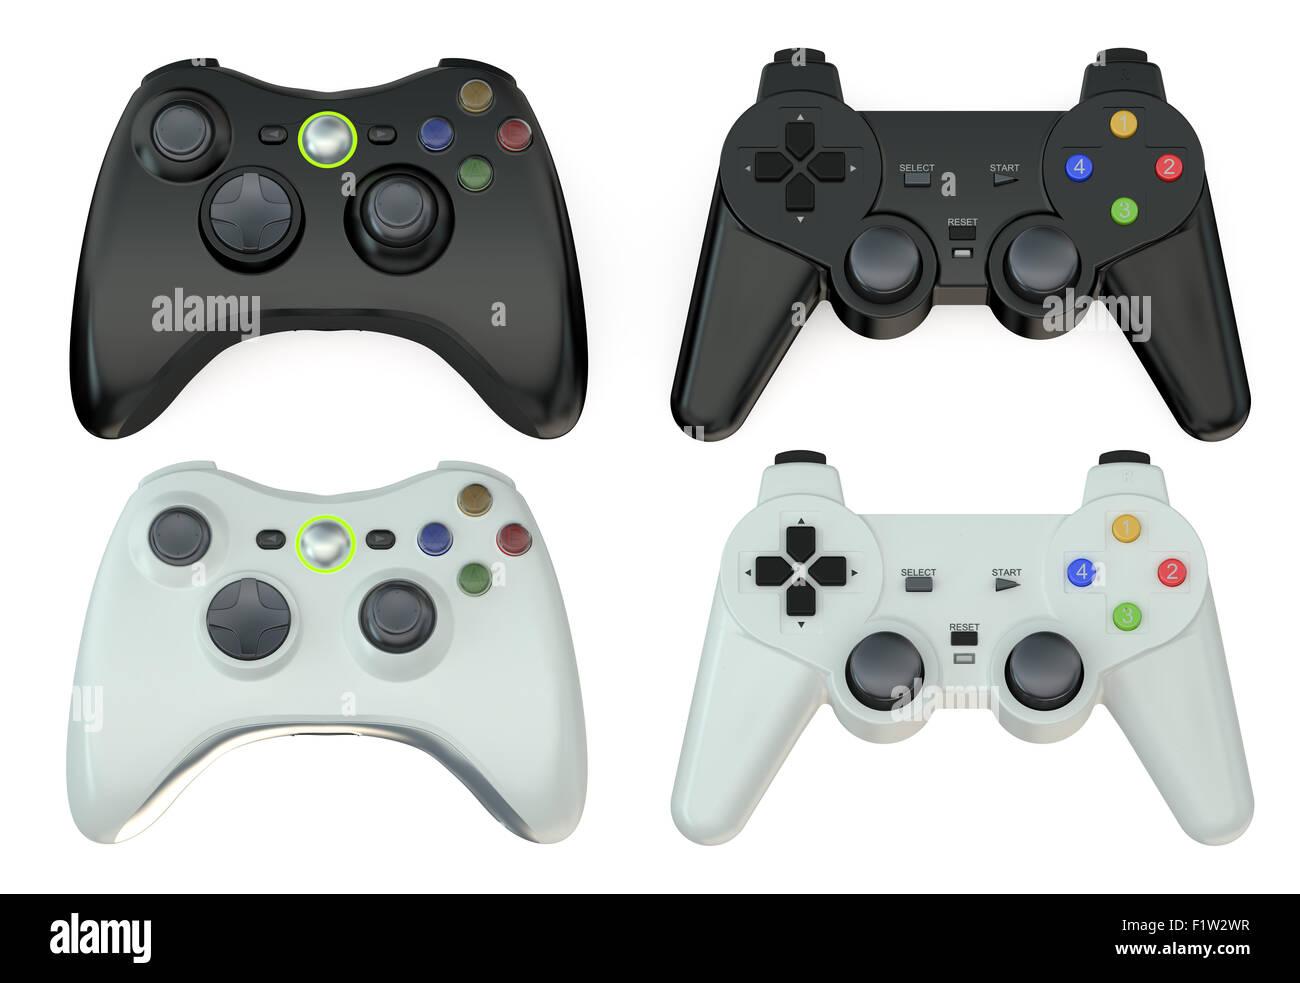 set of gamepads  isolated on white background - Stock Image